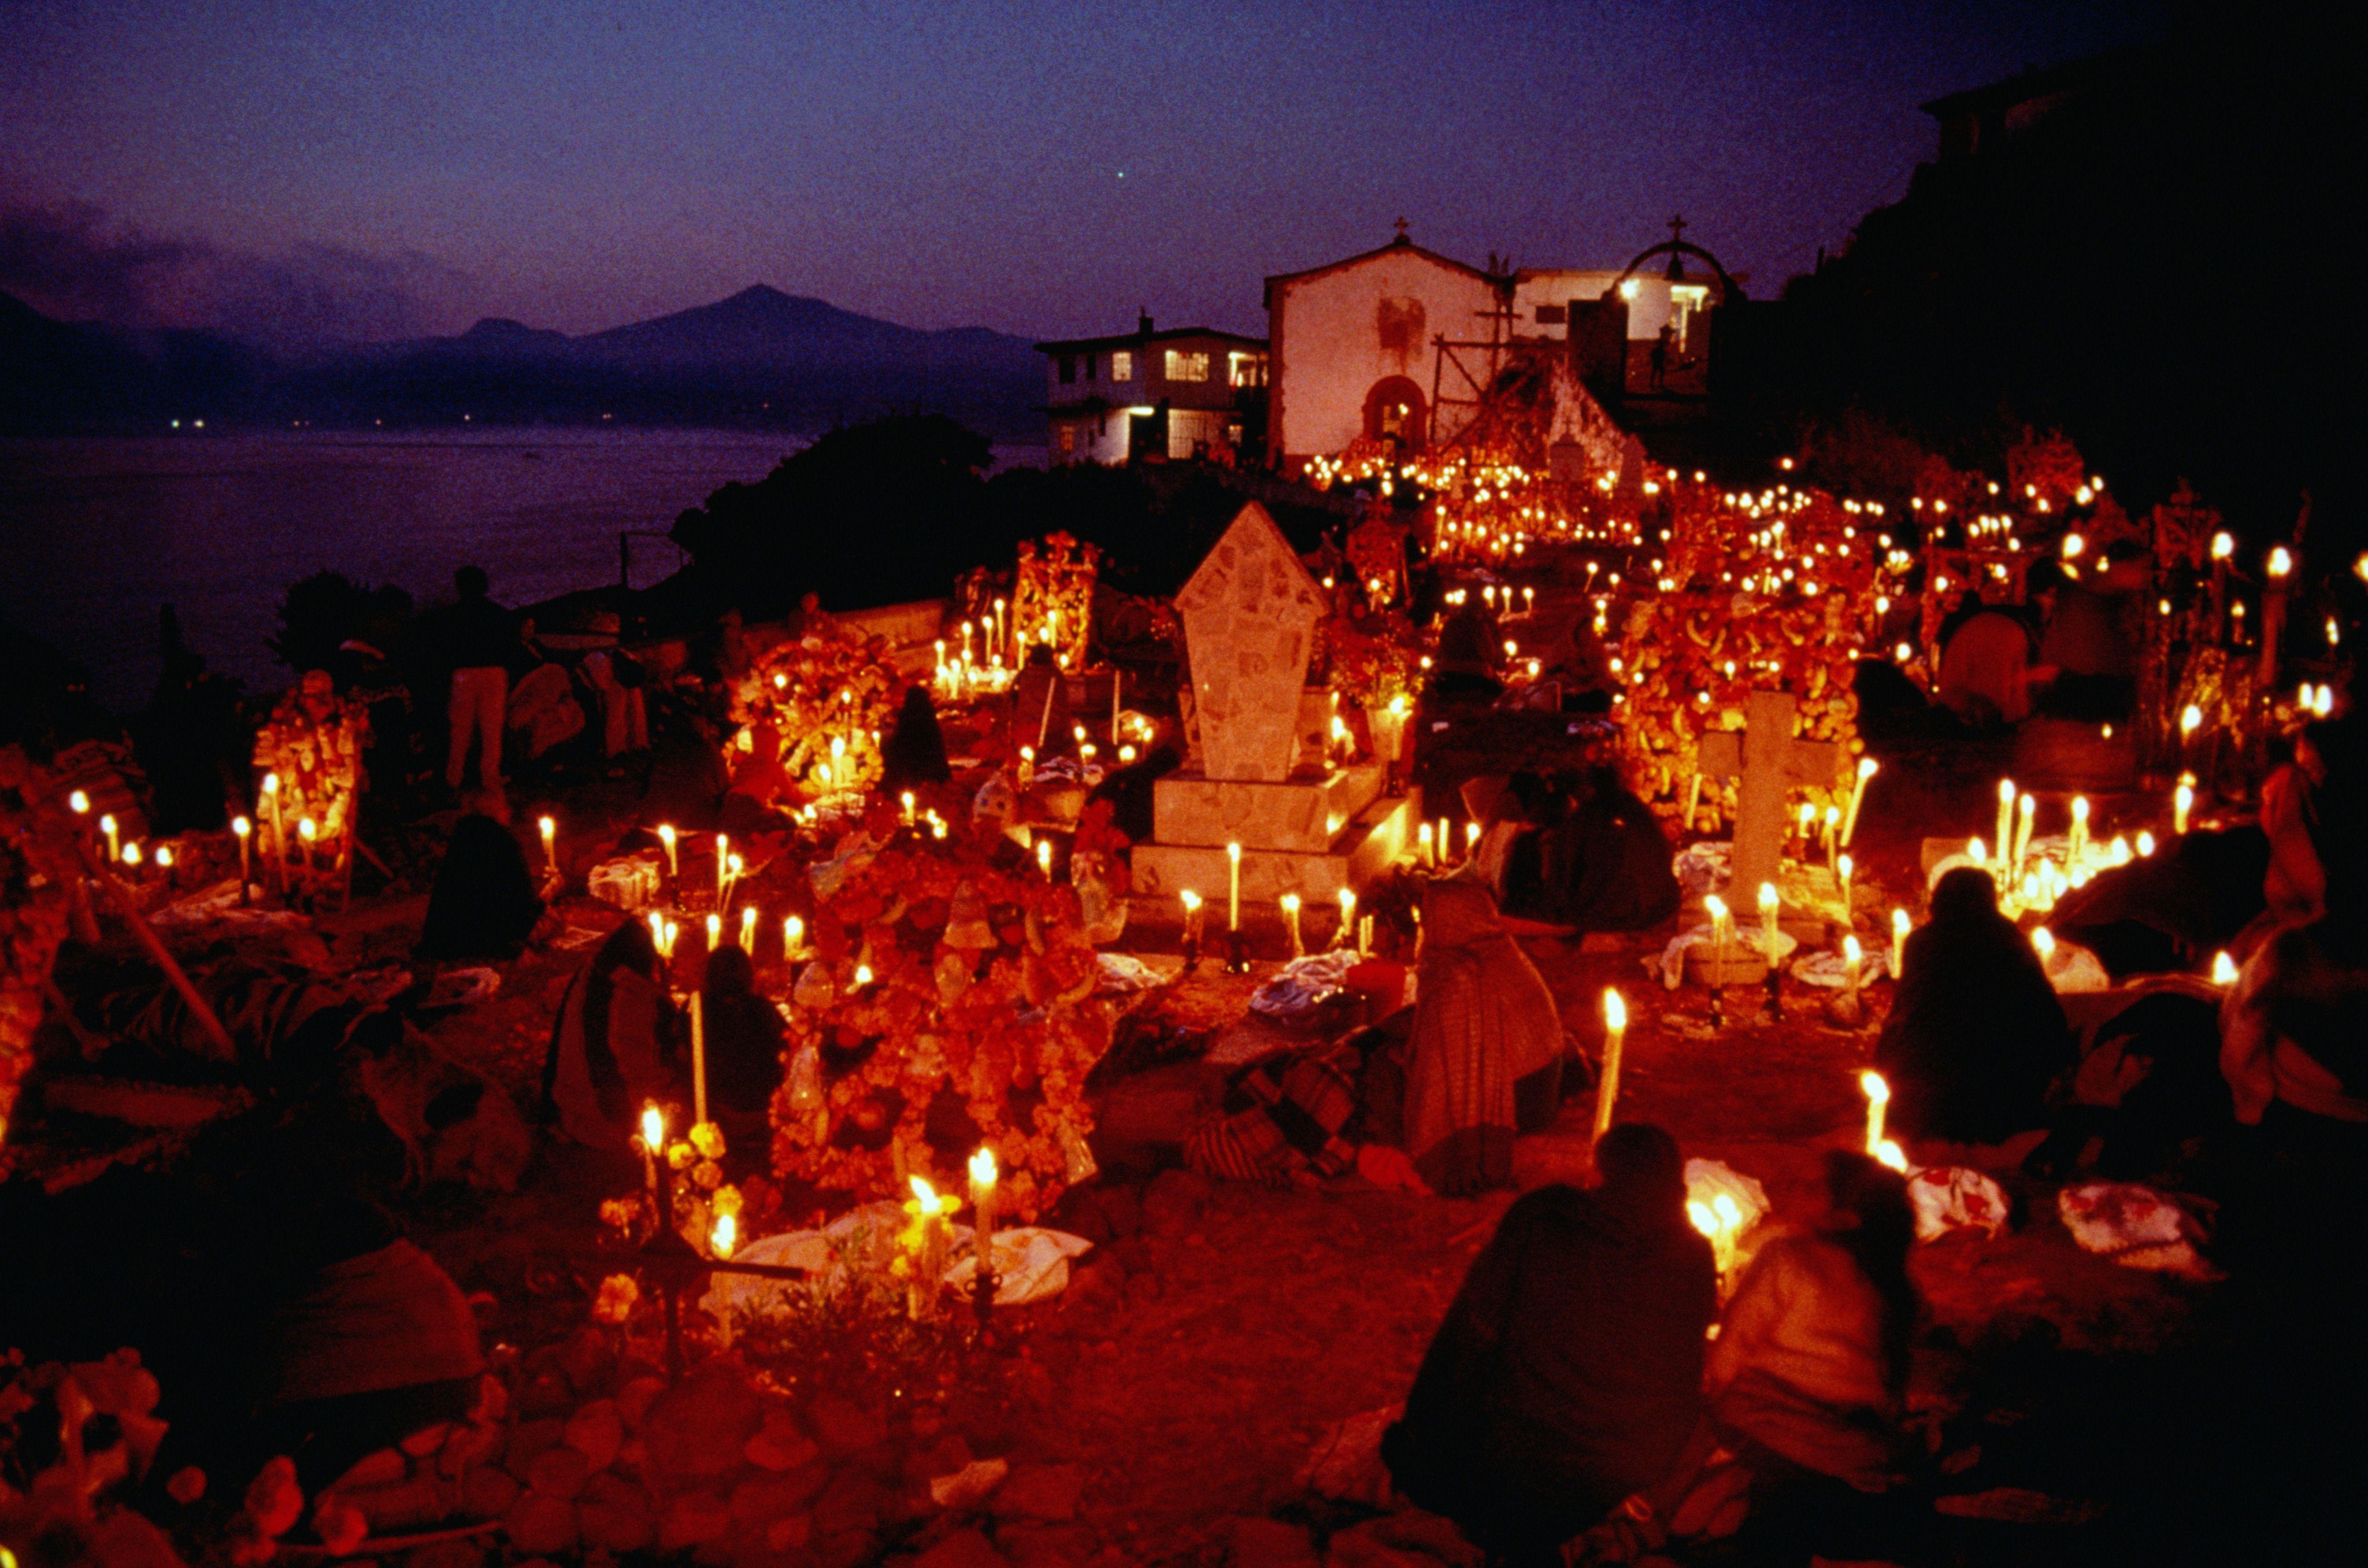 Las velas iluminan las vigilias nocturnas llevadas a cabo durante el Día de Muertos, Isla Janitzio, México